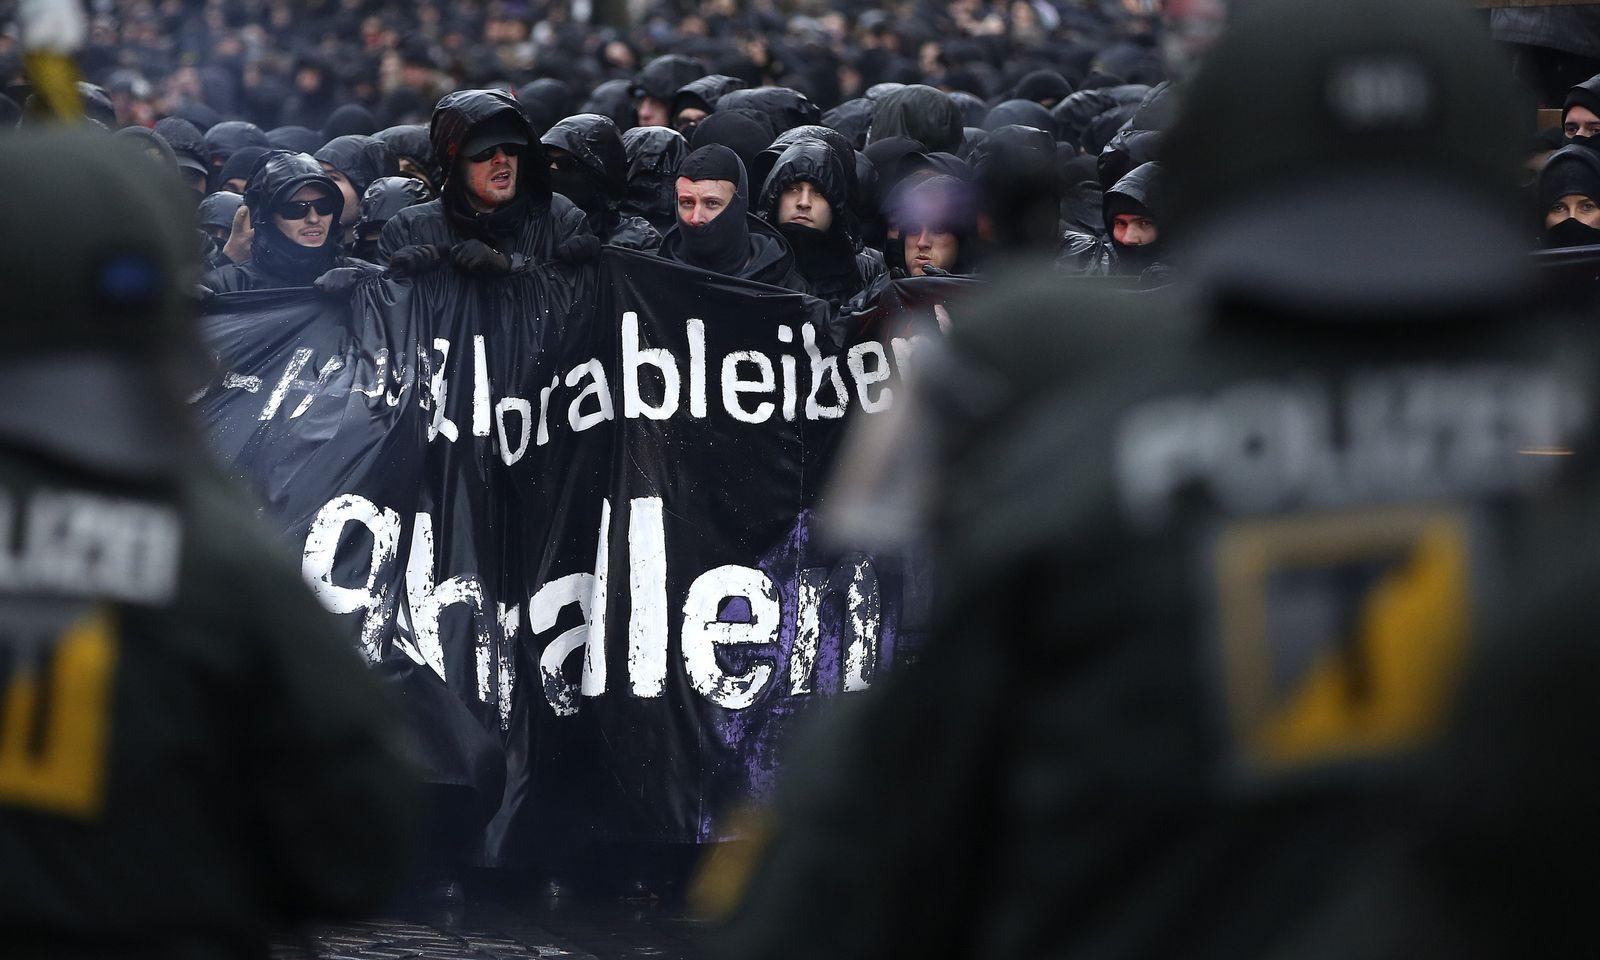 Demo / Schanze / Polizei